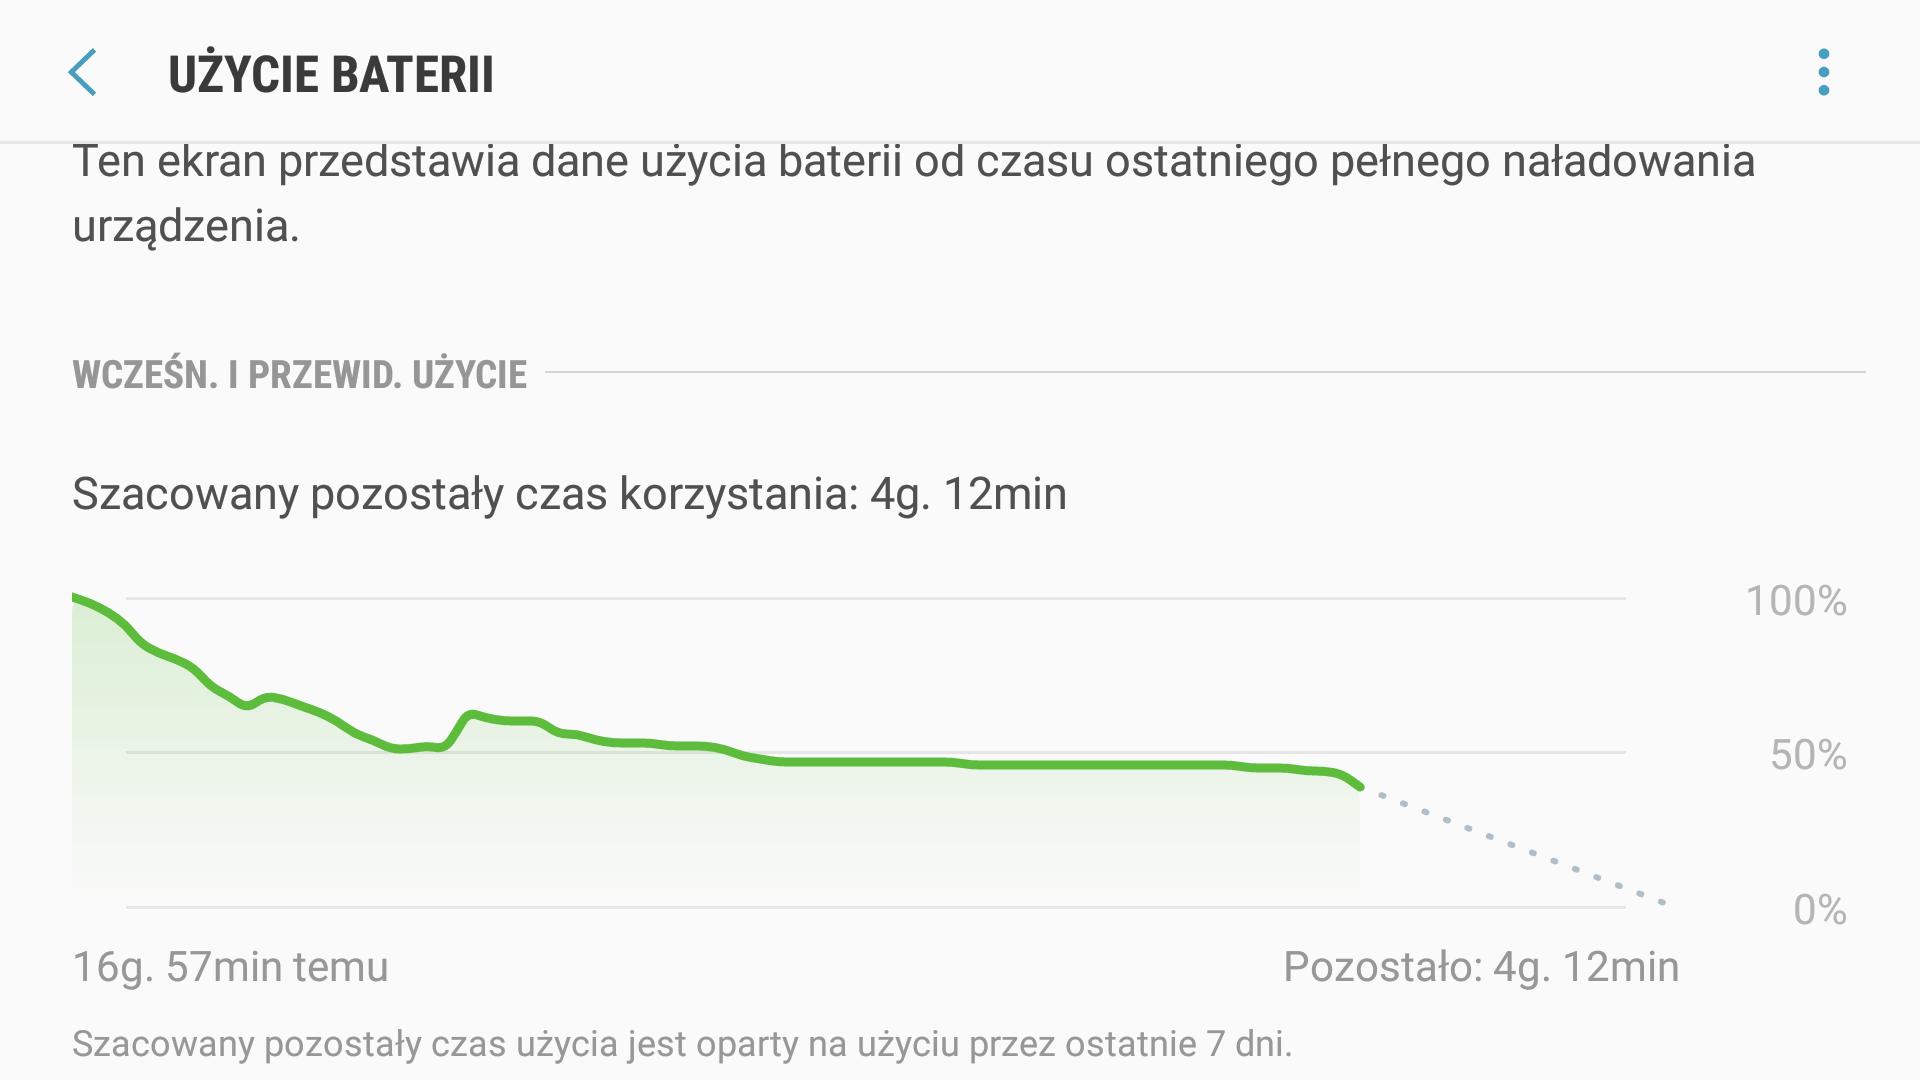 Samsung Galaxy S7 - Optymalny Czas pracy